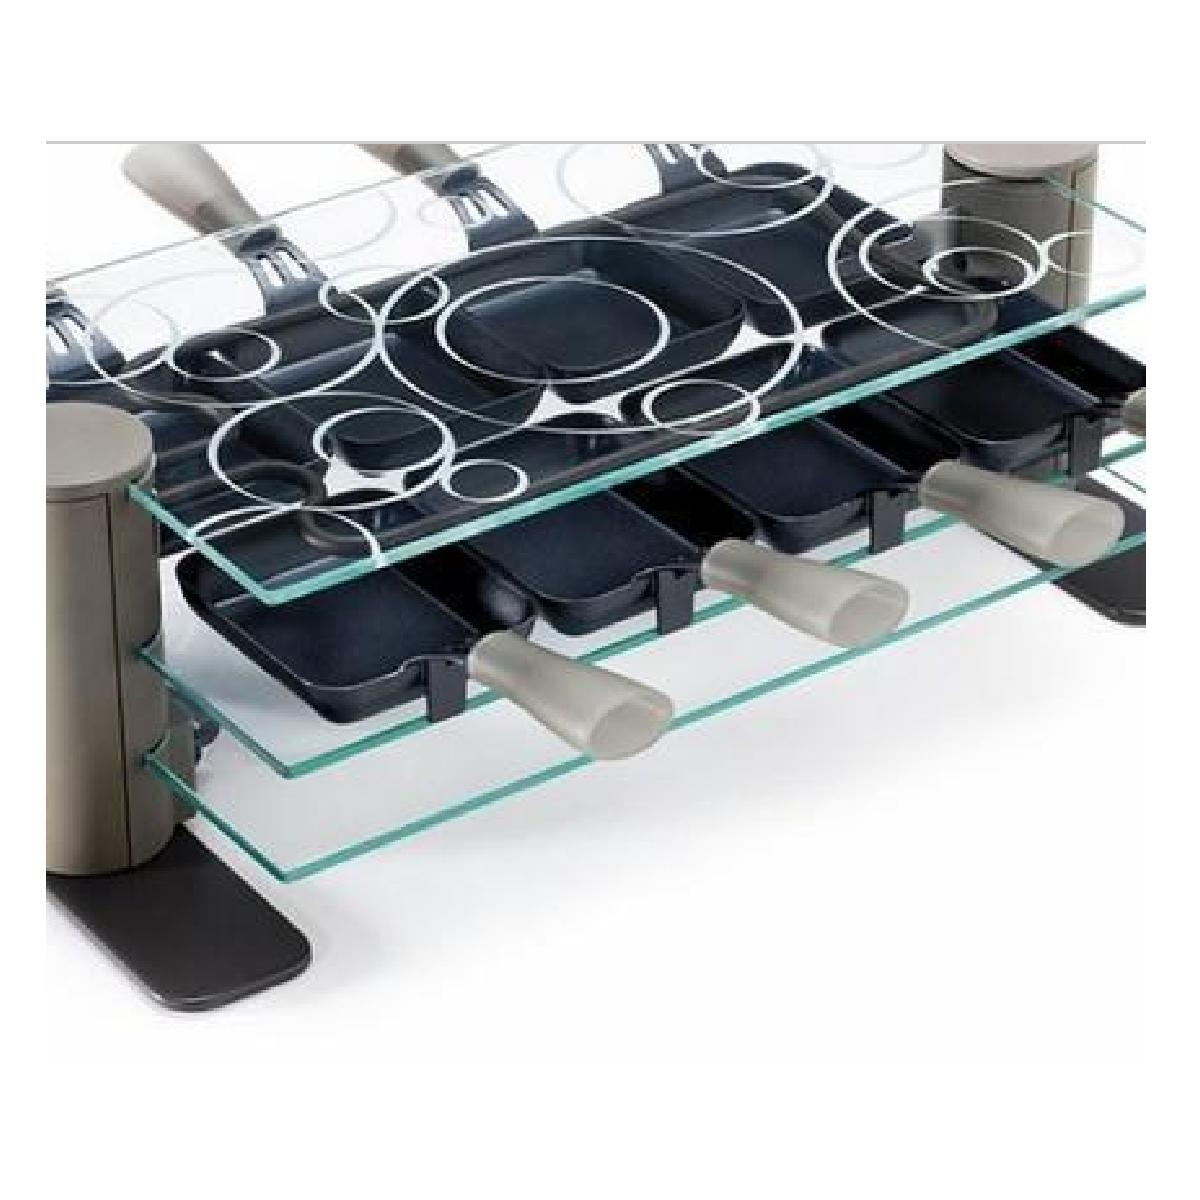 Cadeaux 2 ouf id es de cadeaux insolites et originaux lagrange raclette - Vrai appareil a raclette ...